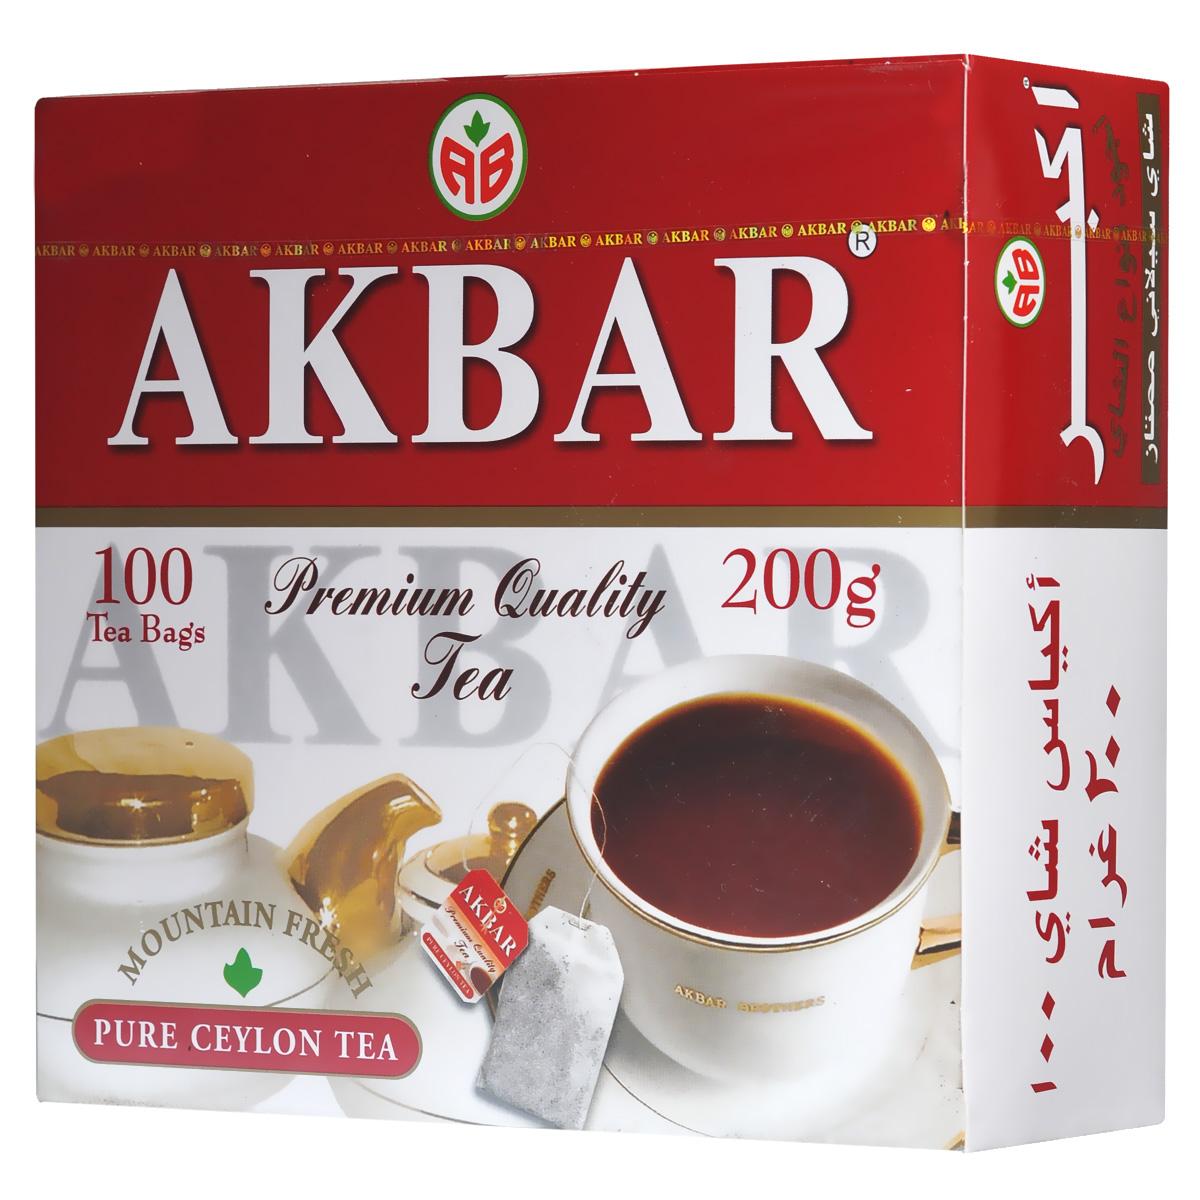 Akbar Mountain Fresh черный чай в пакетиках, 100 шт1050042Благоприятный климат и впитавший горную свежесть и дыхание моря кристально чистый воздух плантаций легендарных цейлонских чайных провинциях Kandy и Dimbula дают нежным чайным листочкам дивную силу, добавляя каждому, кто пьет чай Akbar Mountain Fresh, нескончаемую энергию и бодрость. Продукция Arbar подвергается обязательному многоступенчатому контролю и испытаниям опытными технологами и дегустаторами на всем пути, который чай этой торговой марки проходит от плантации до конечного потребителя.